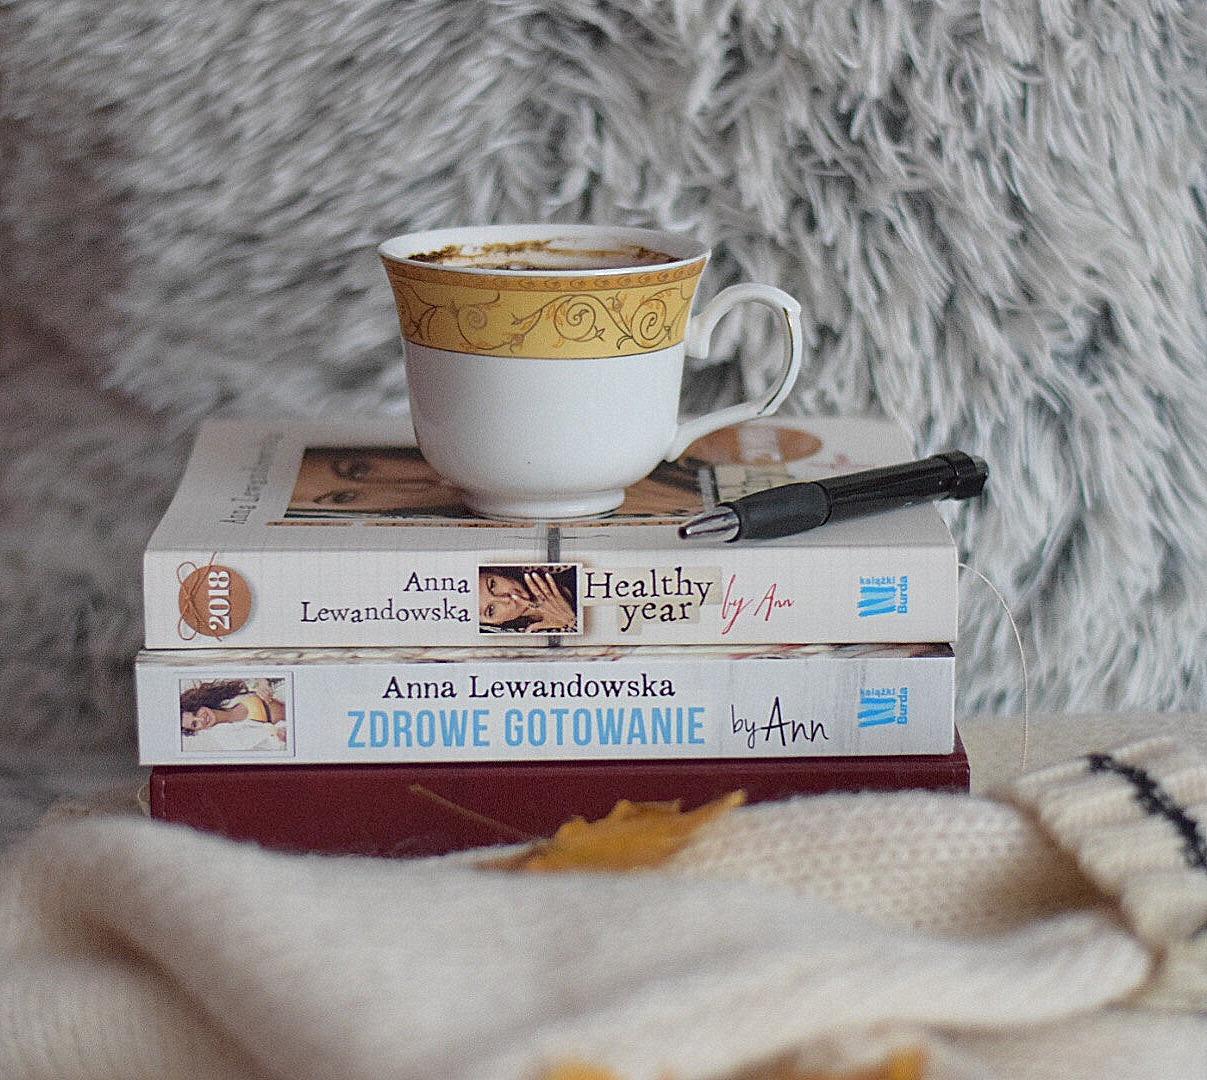 Książki Anny Lewandowskiej - Zdrowe gotowanie by Ann oraz Healthy Year by Ann